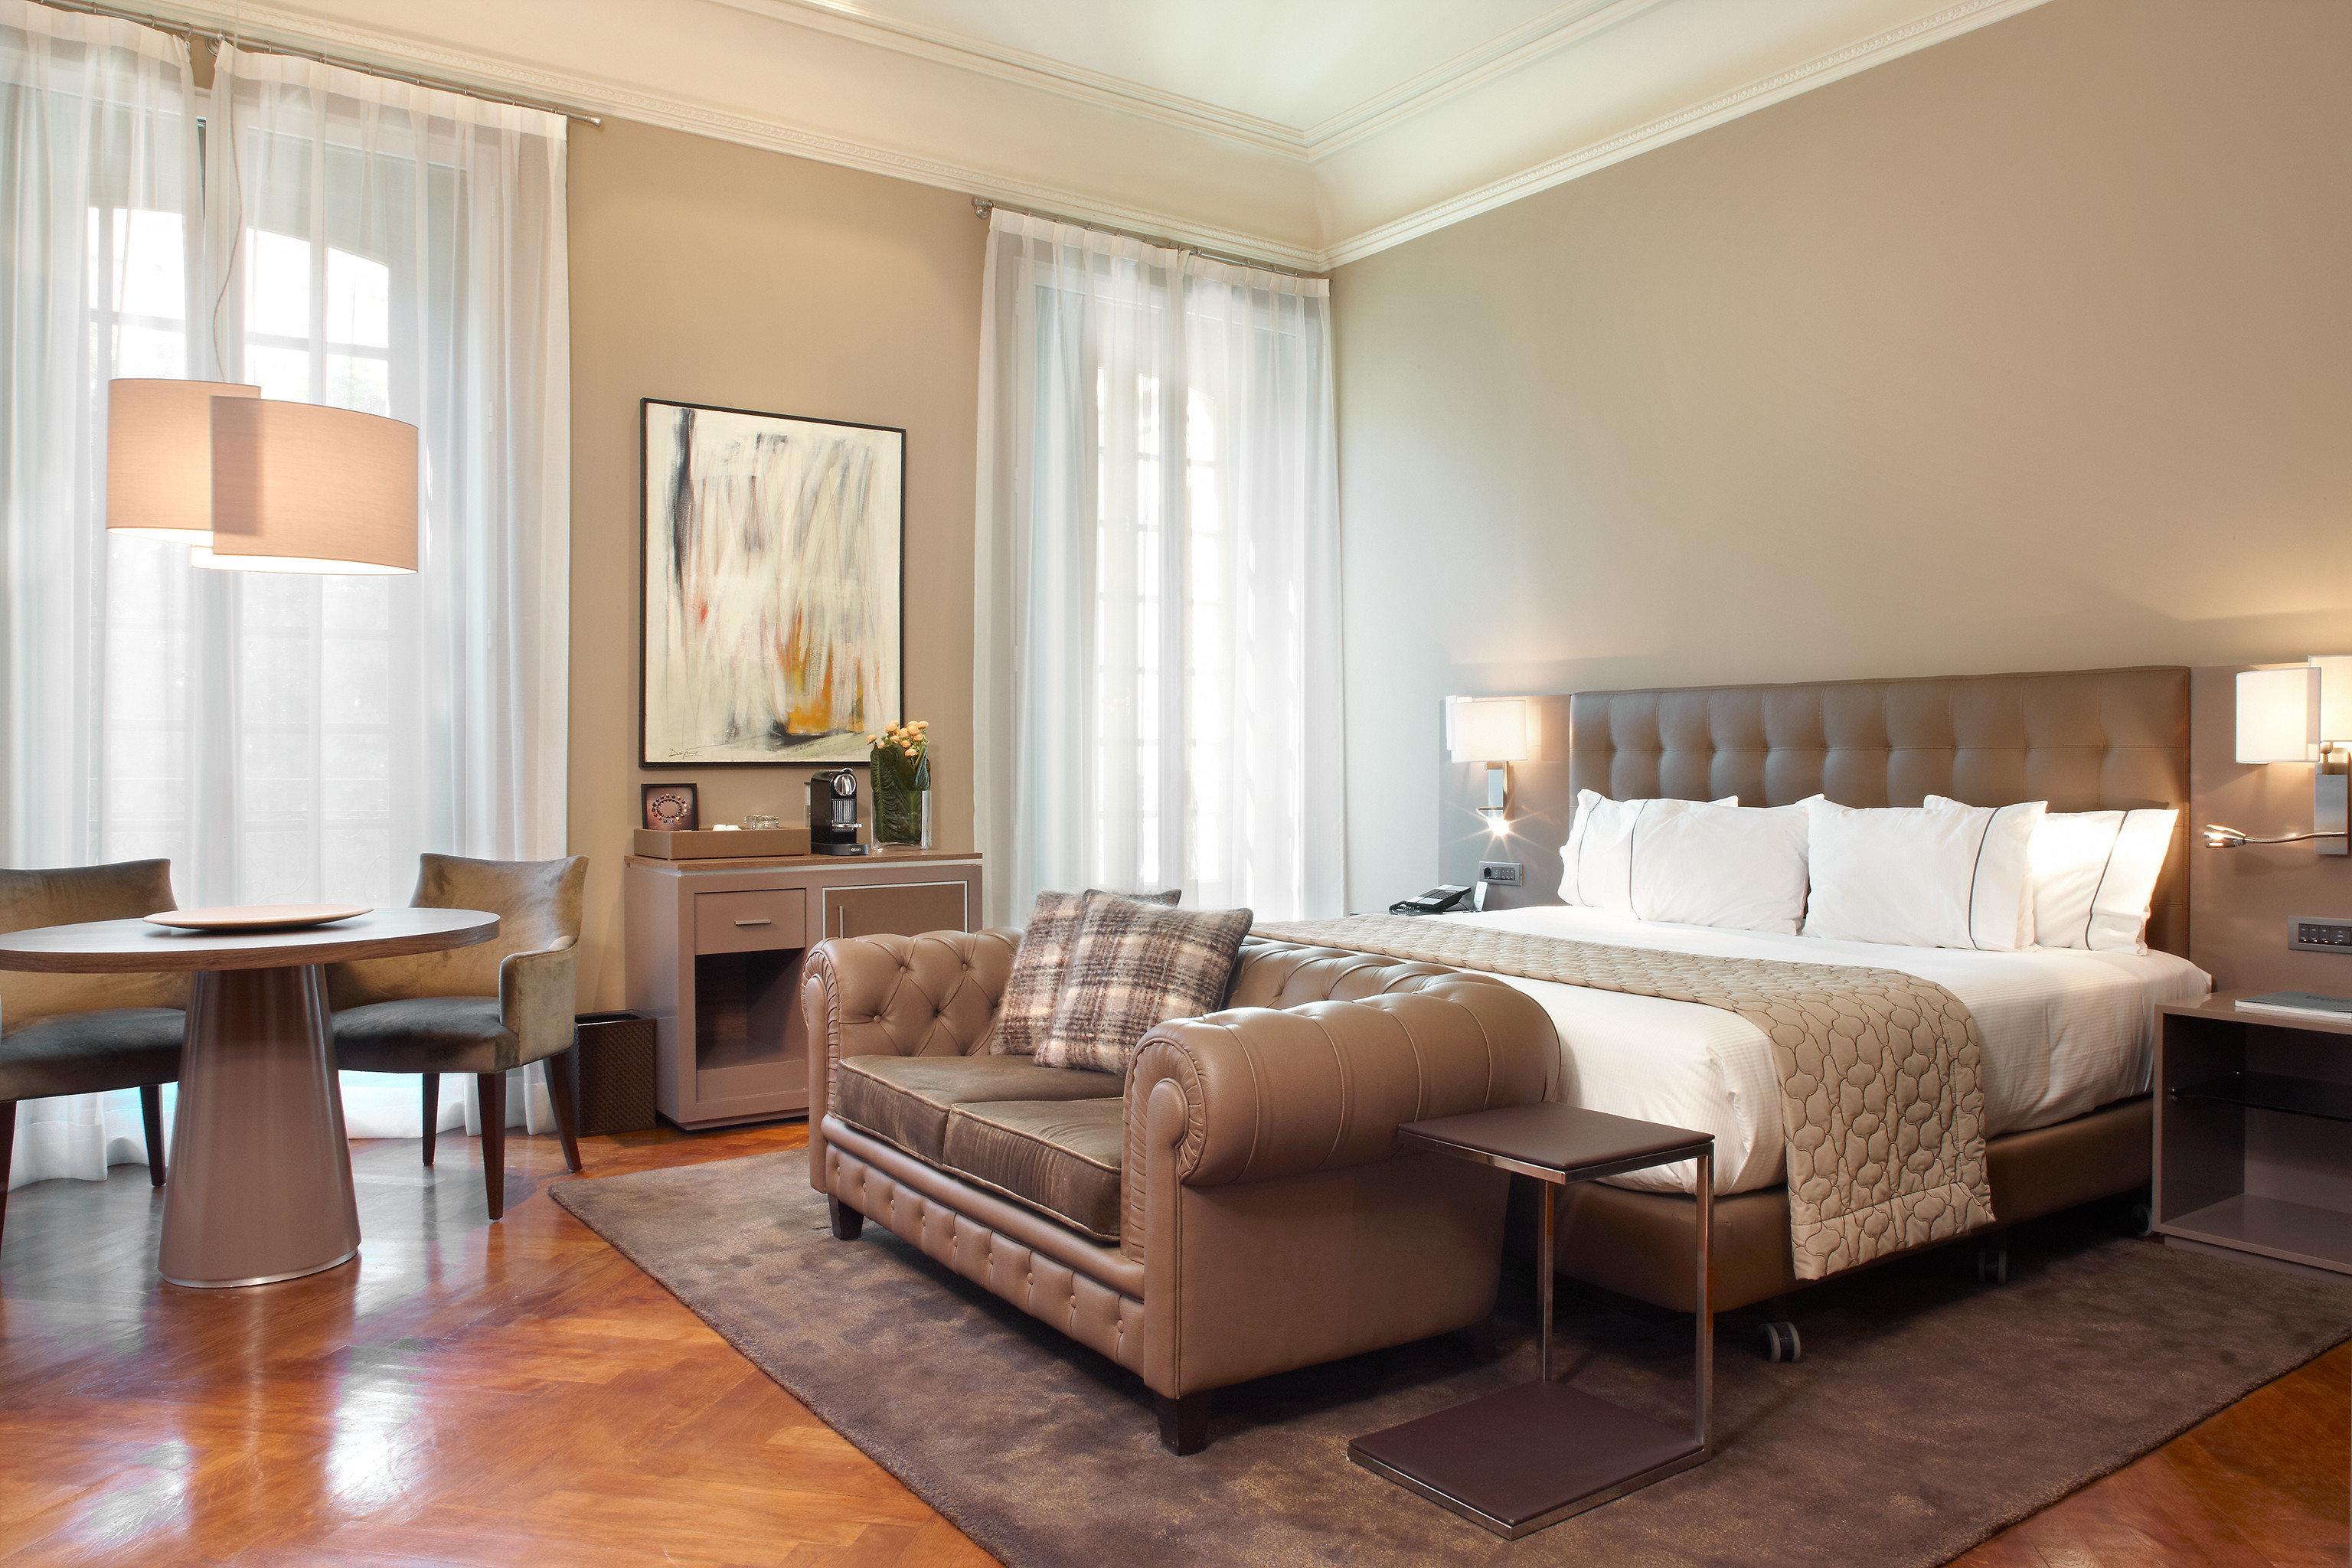 Bedroom Elegant Hip Luxury Modern Suite property living room hardwood home condominium wood flooring